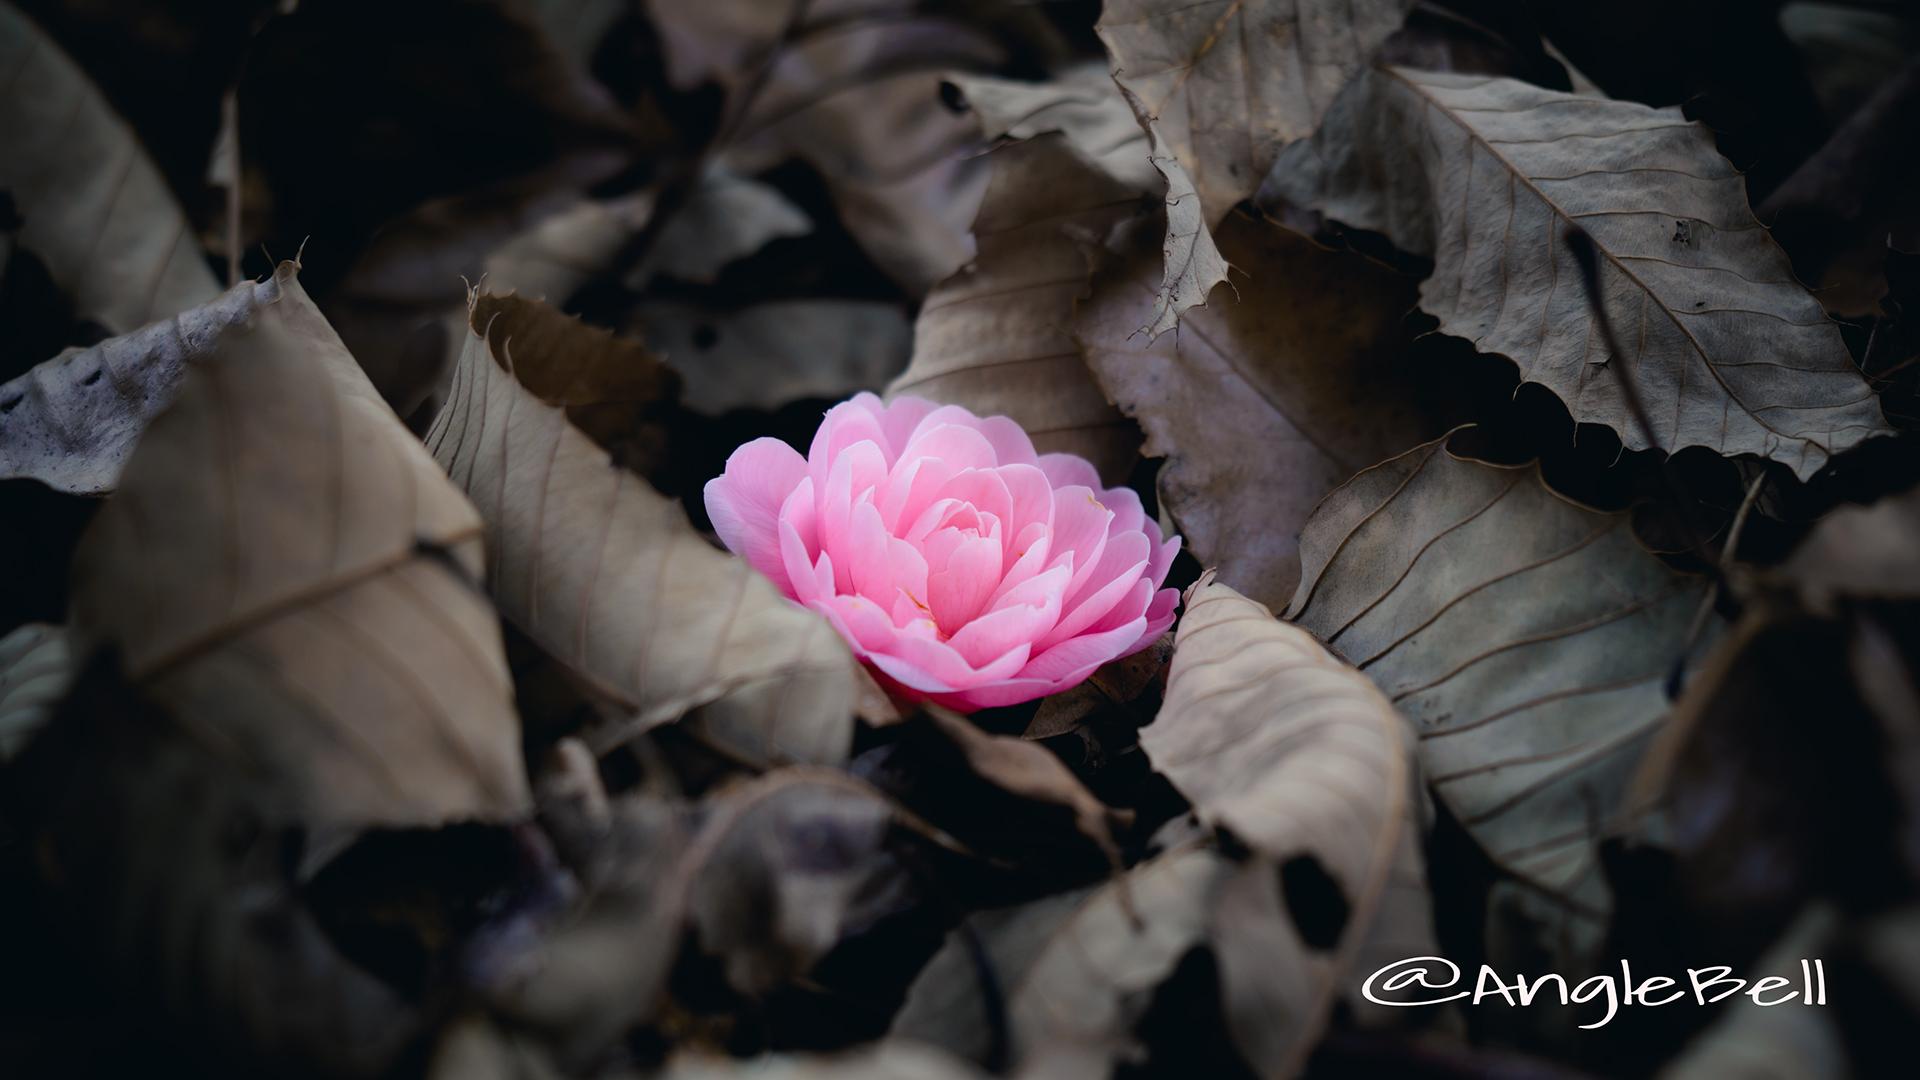 ツバキ 椿 Flower Photo5